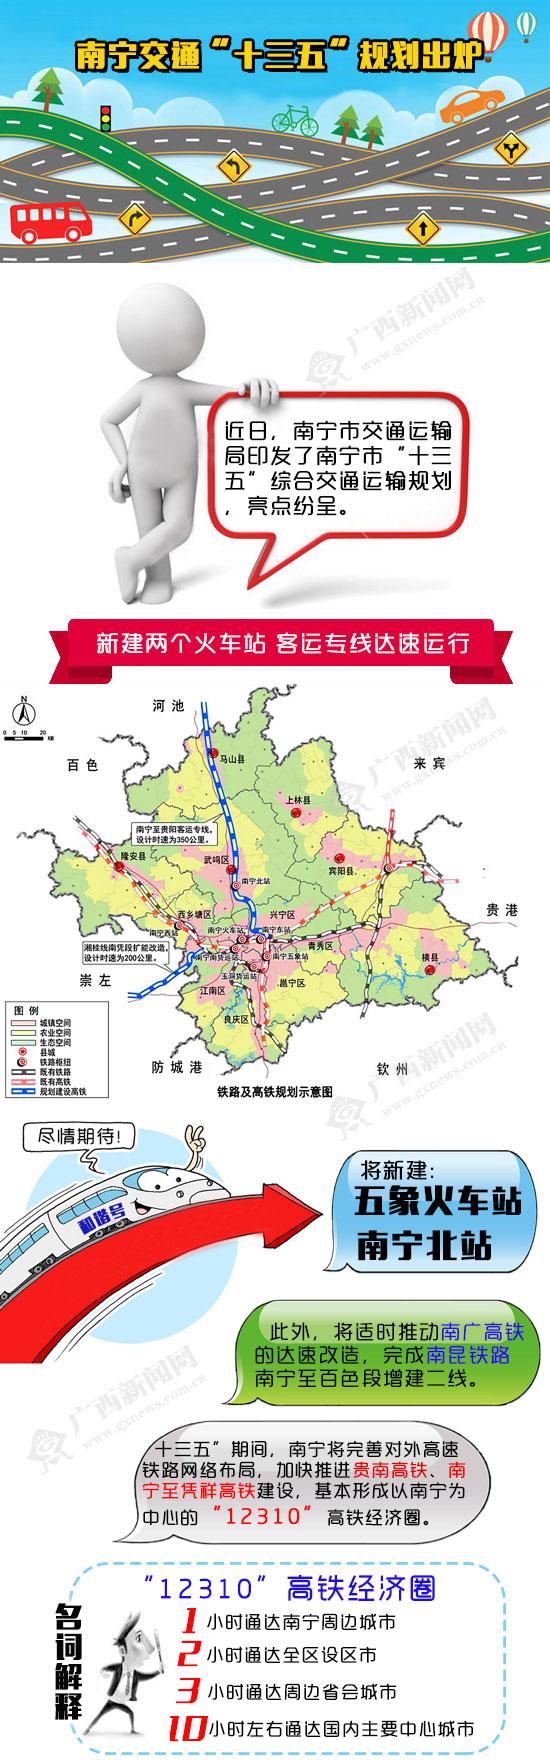 【桂刊】南宁交通